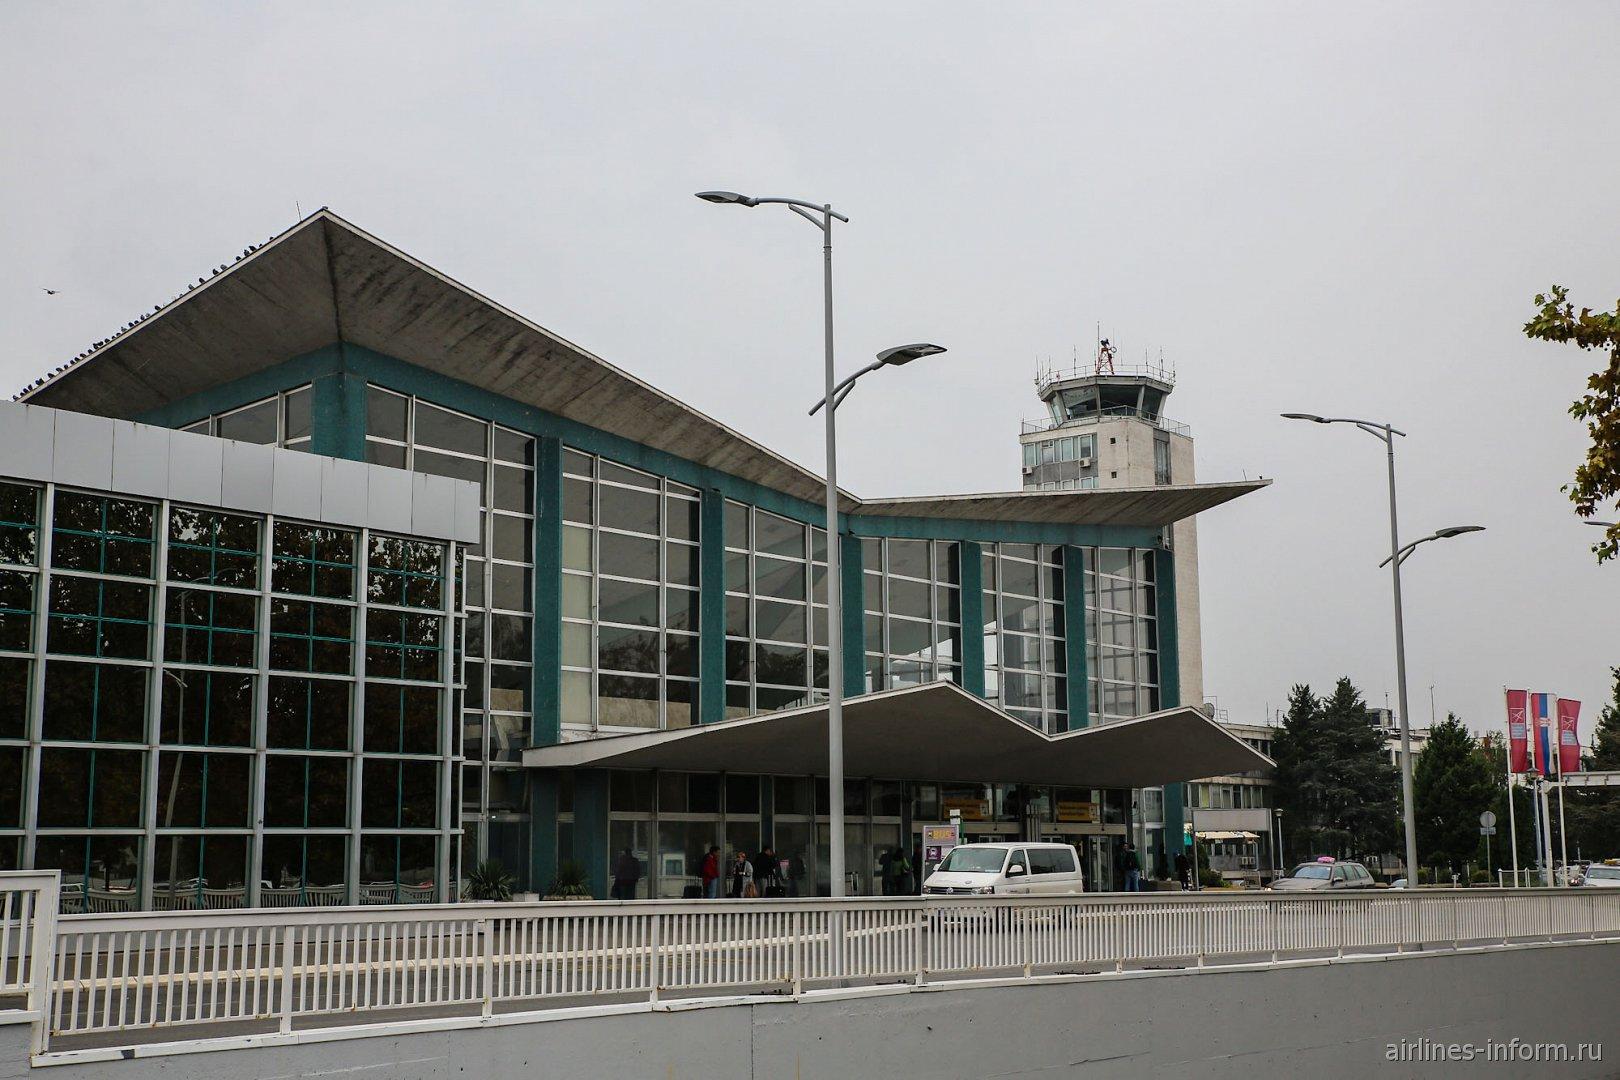 Зал прилета и диспетчерская башня в аэропорту Белграда